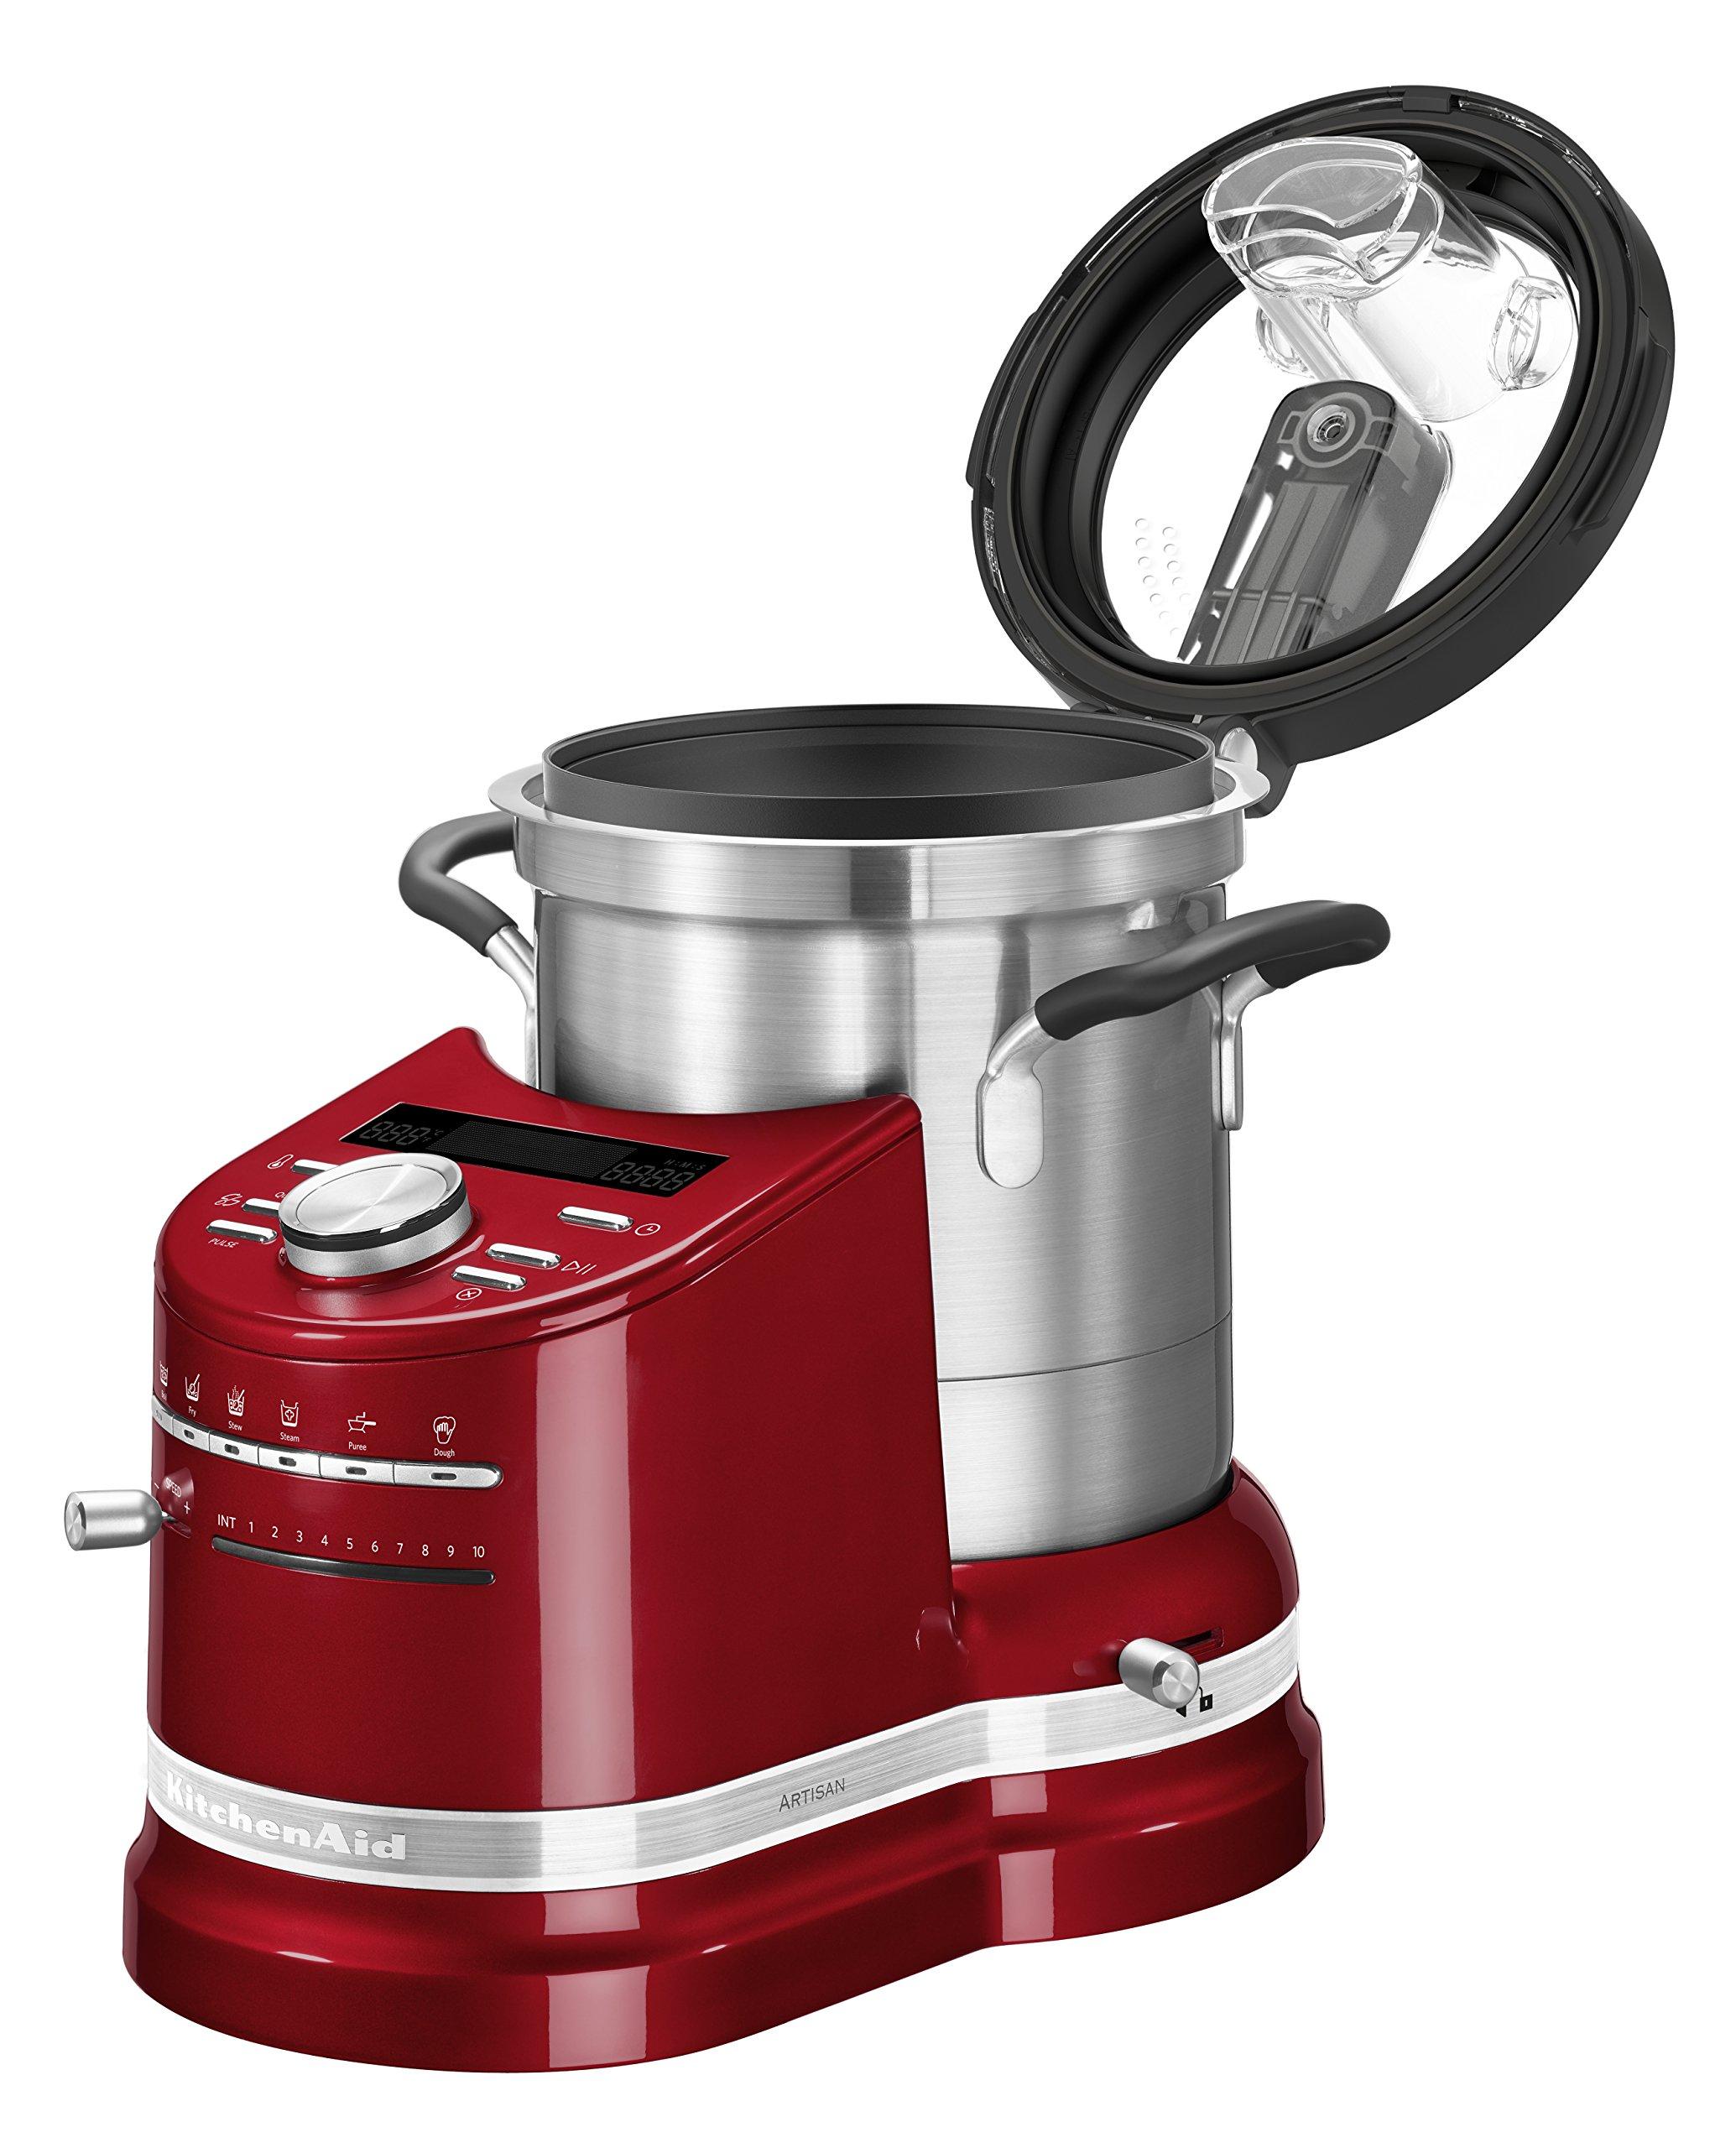 Kitchenaid 5KFC0103ECA Robot de cocina multifunción, color rojo: Amazon.es: Hogar